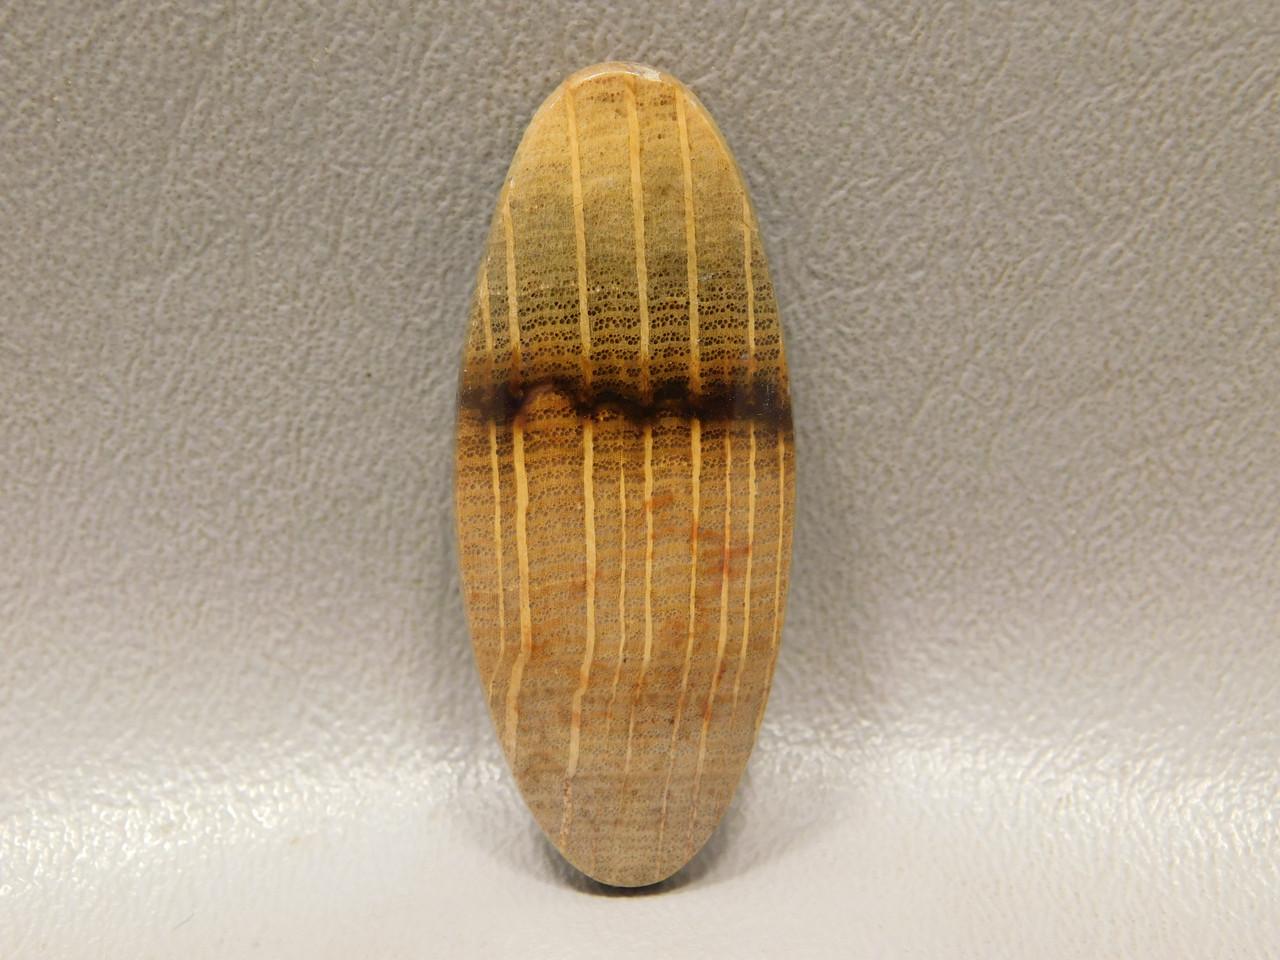 Petrified Wood Golden Oak Cabochon Jewelry Stone #20